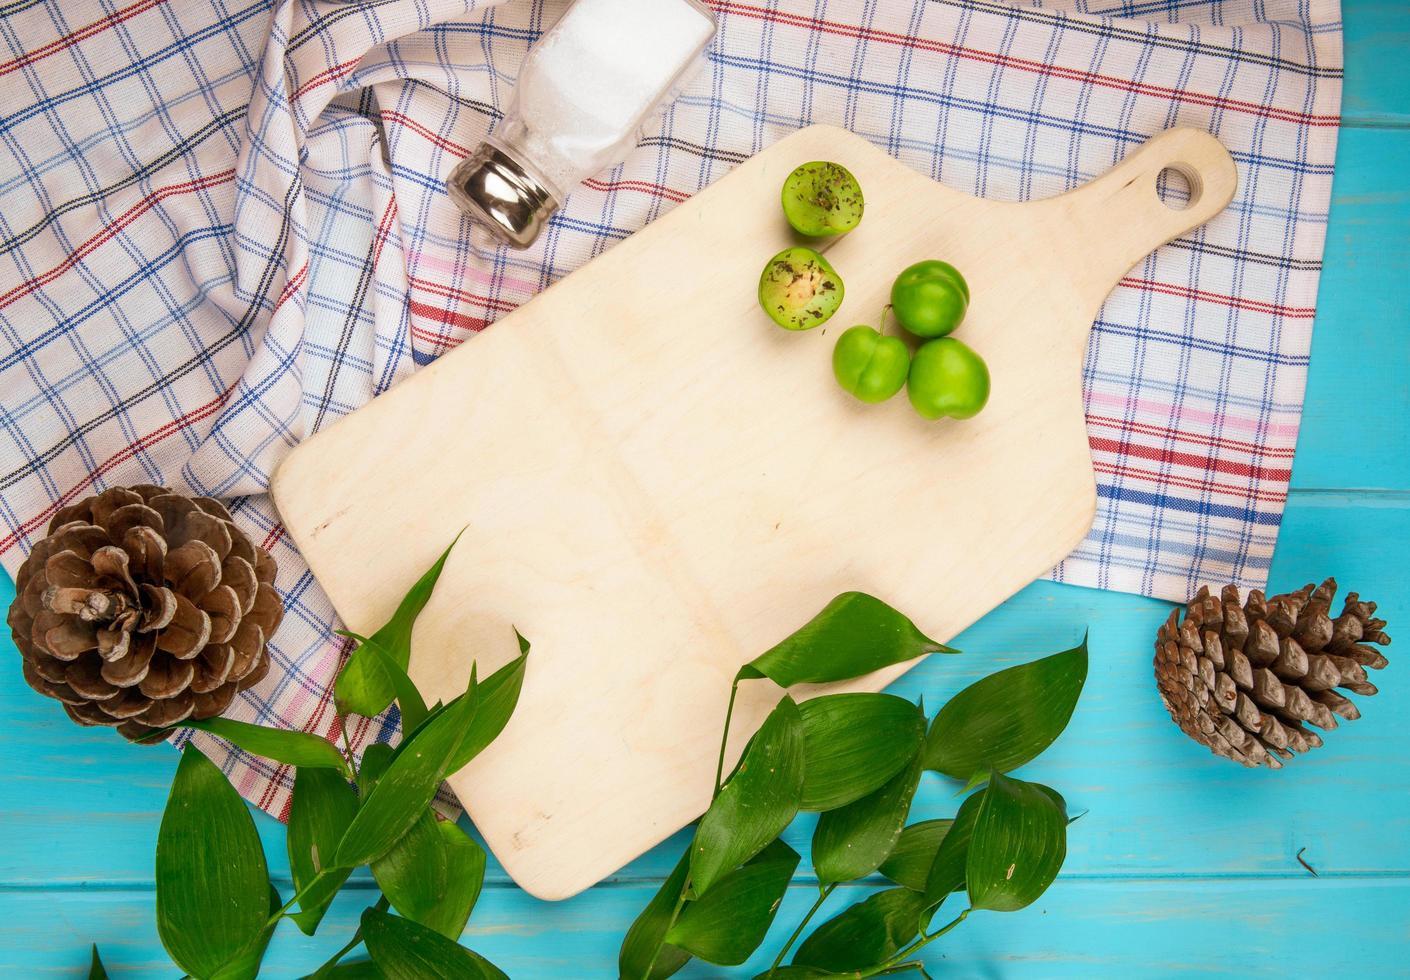 Vue de dessus d'une planche de bois avec des prunes et des pommes de pin sur tissu photo